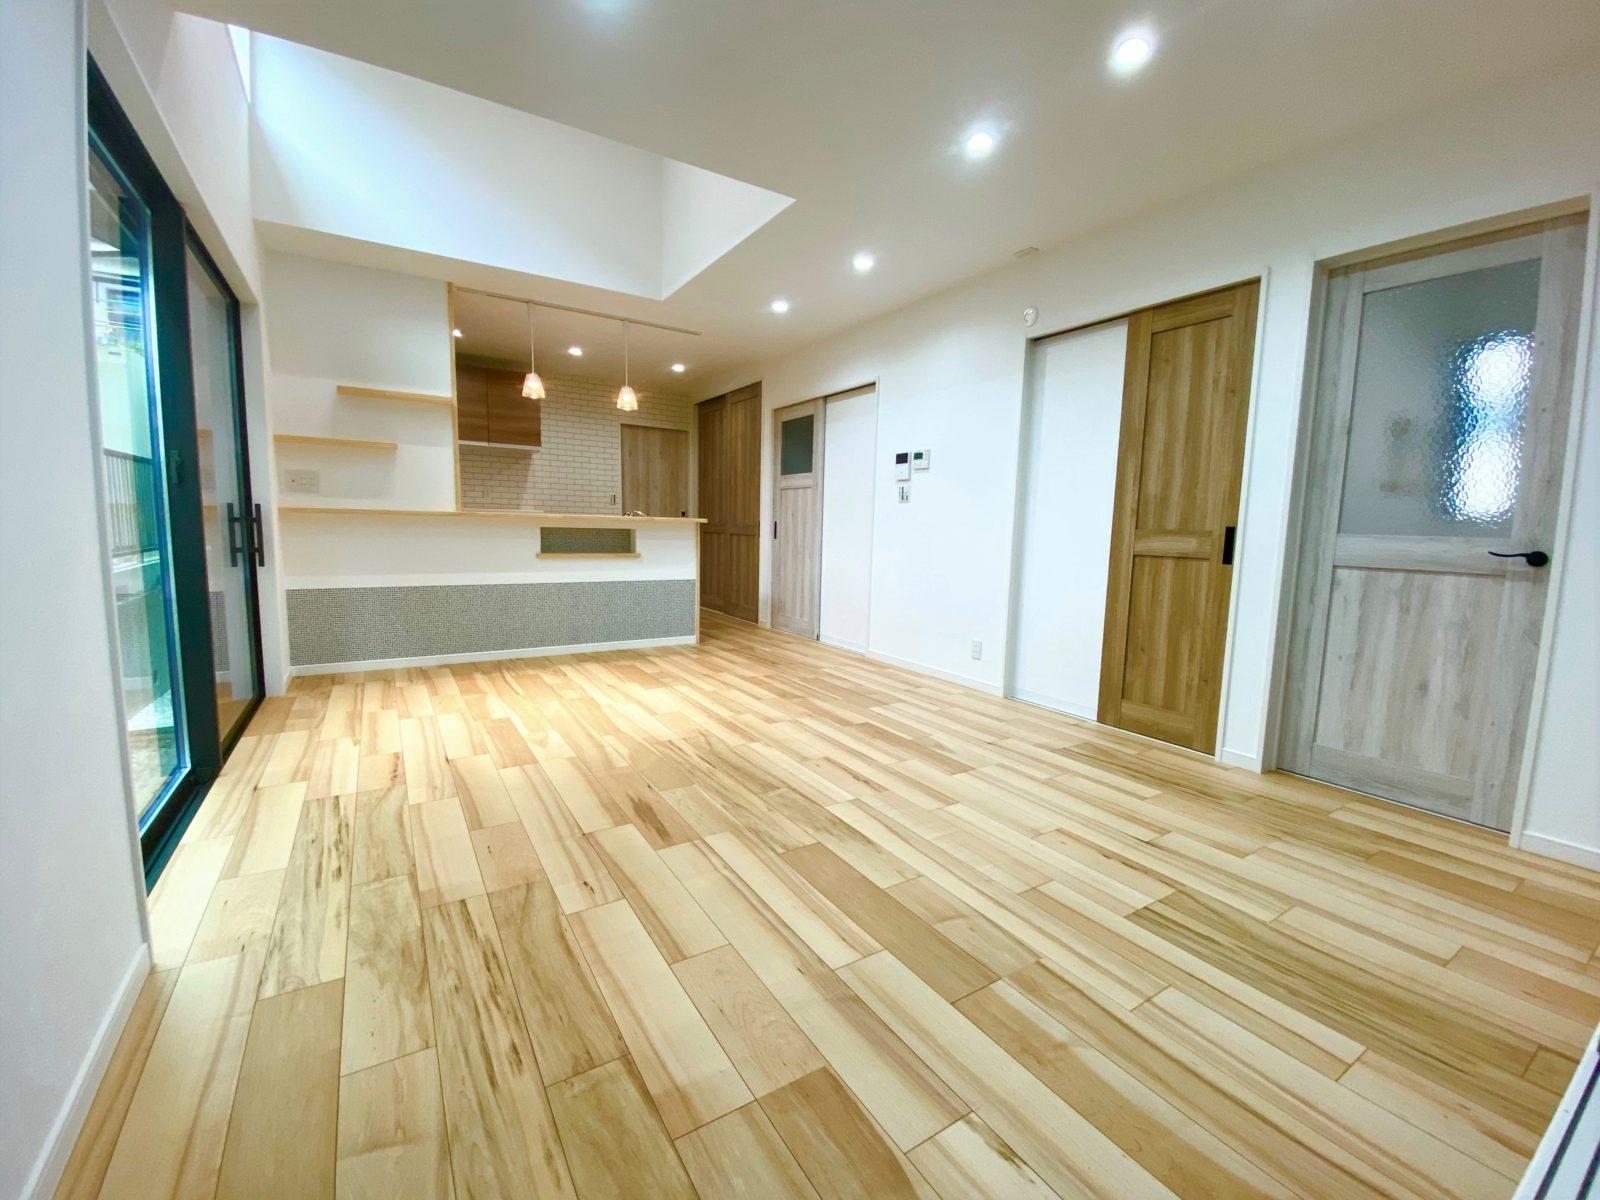 鹿児島市西谷山3丁目でオープンハウス 区画整理地内の新しい町並みで快適に過ごす住まい